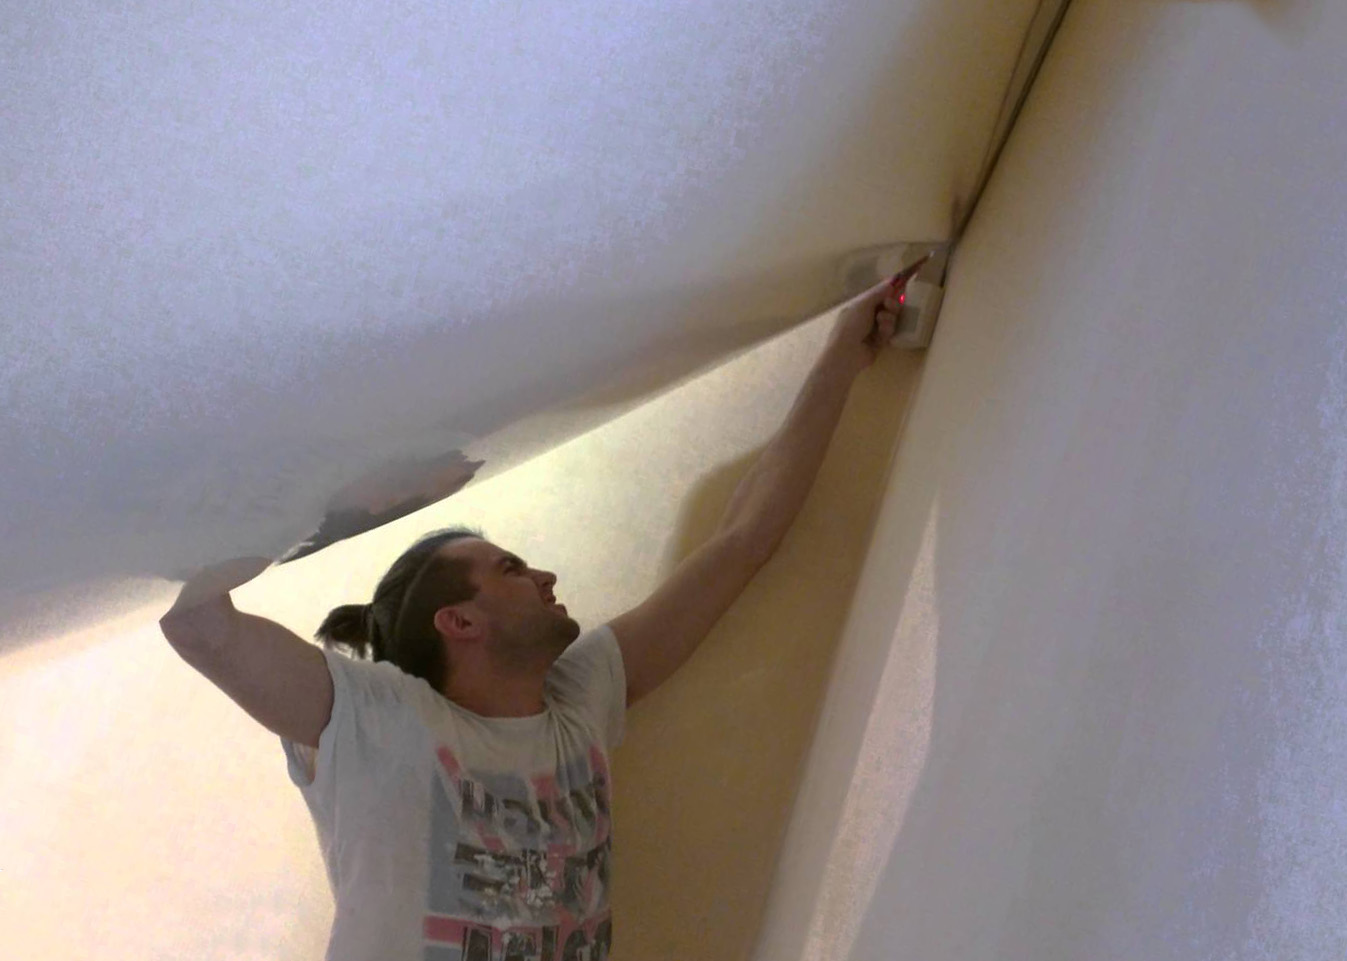 Замена натяжного потолка на новый